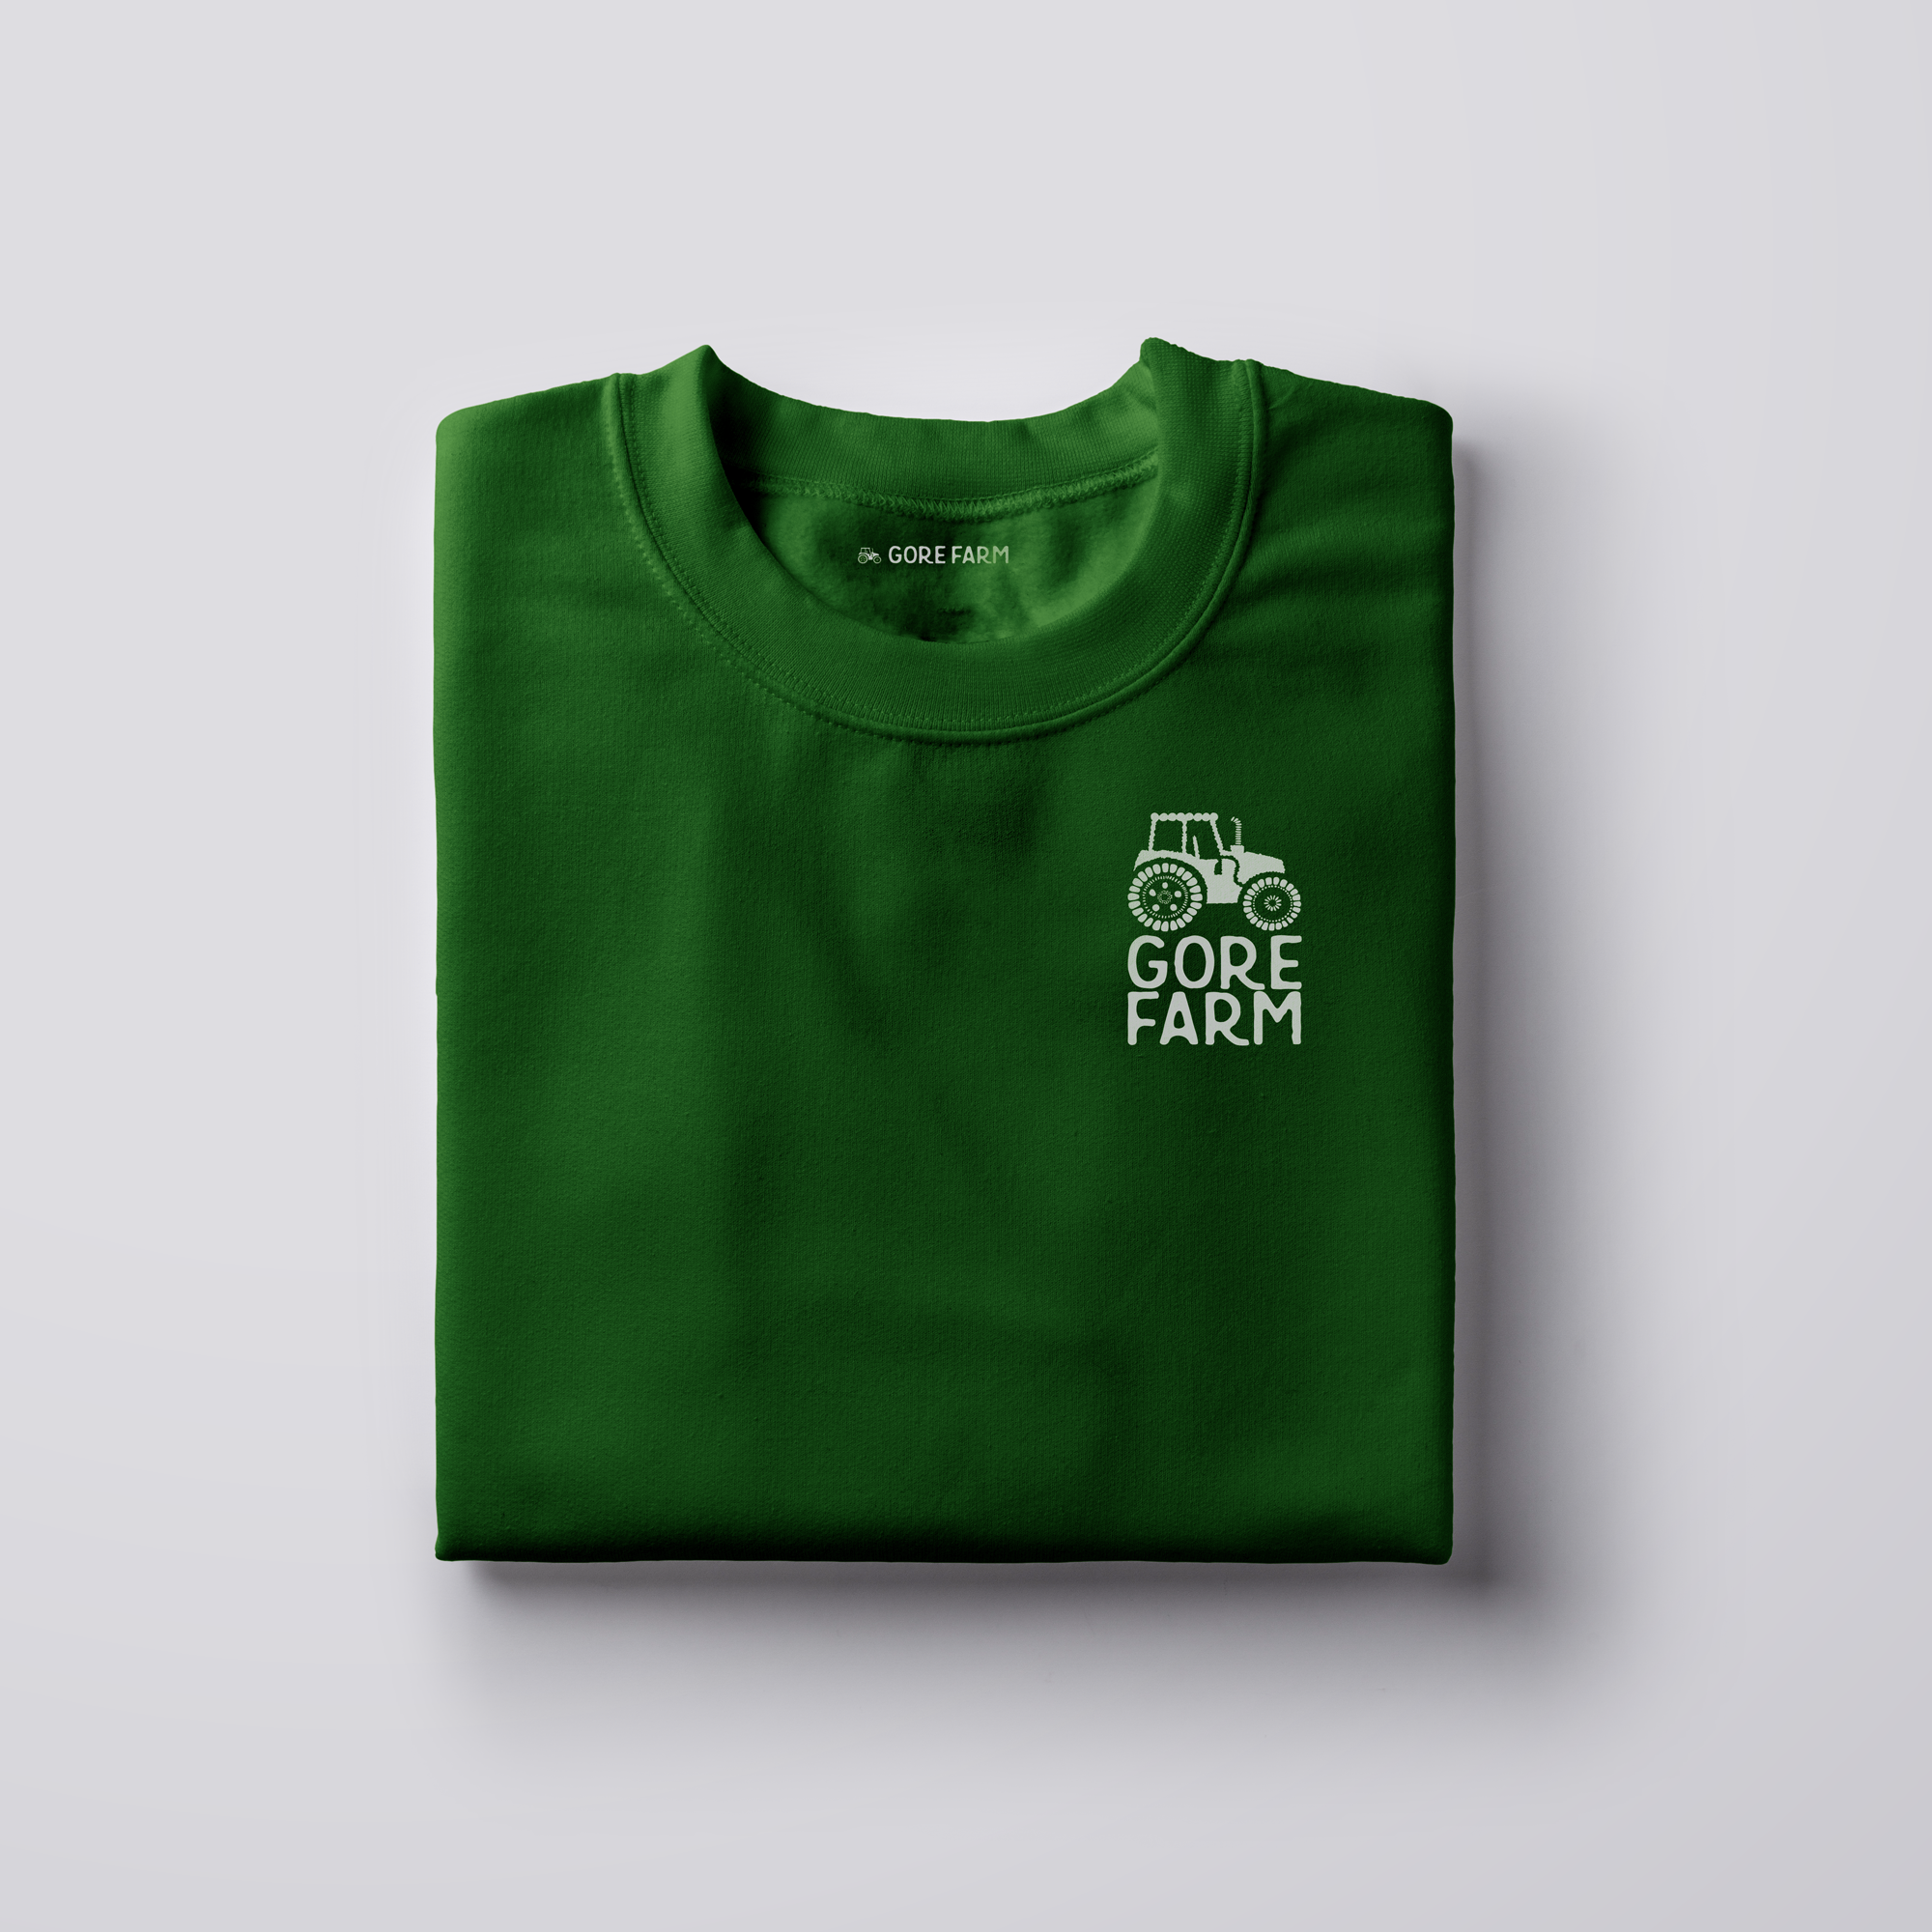 Gore farm logo t-shirt